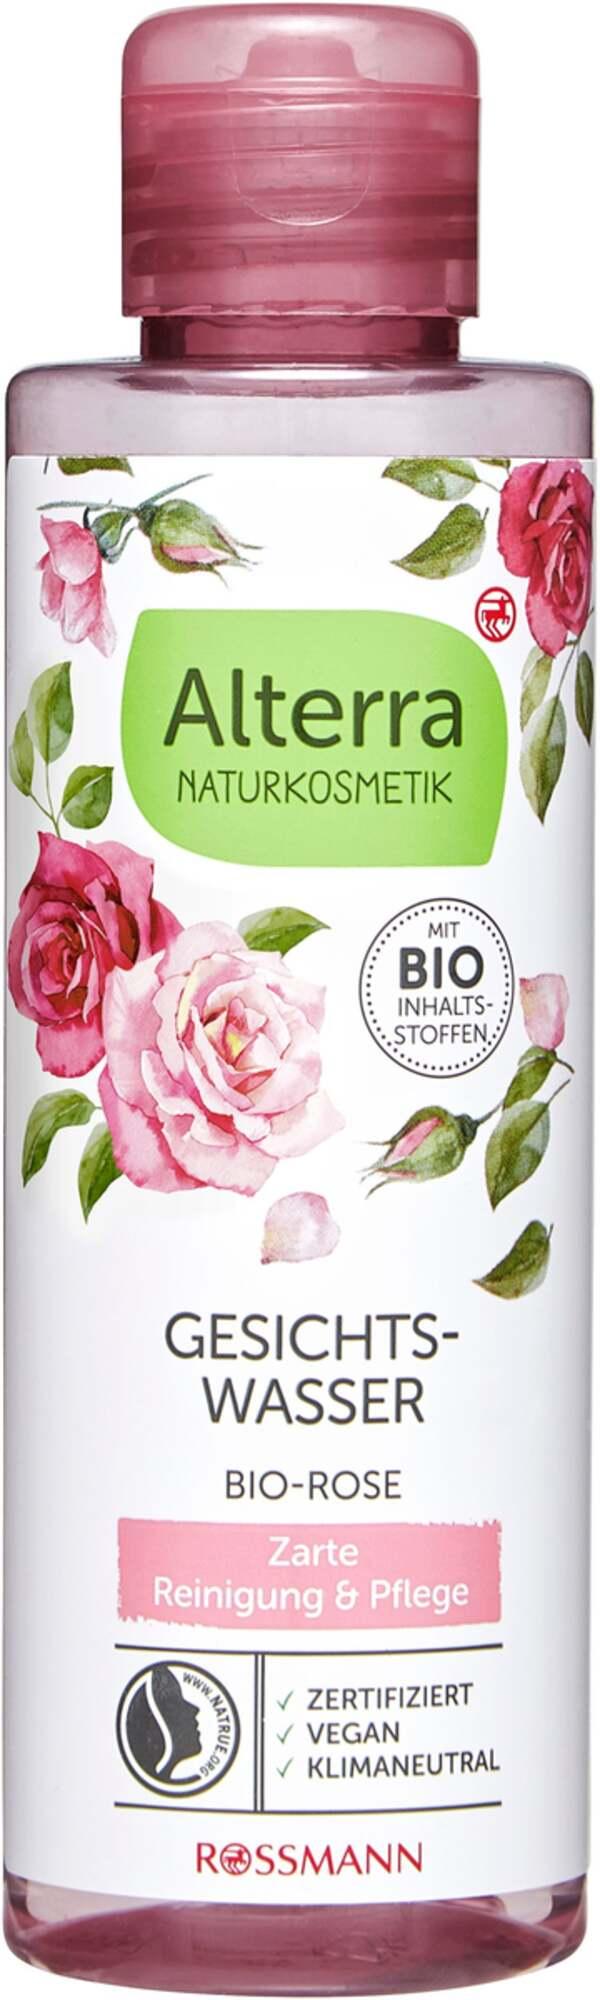 Alterra NATURKOSMETIK Gesichtswasser Bio-Rose